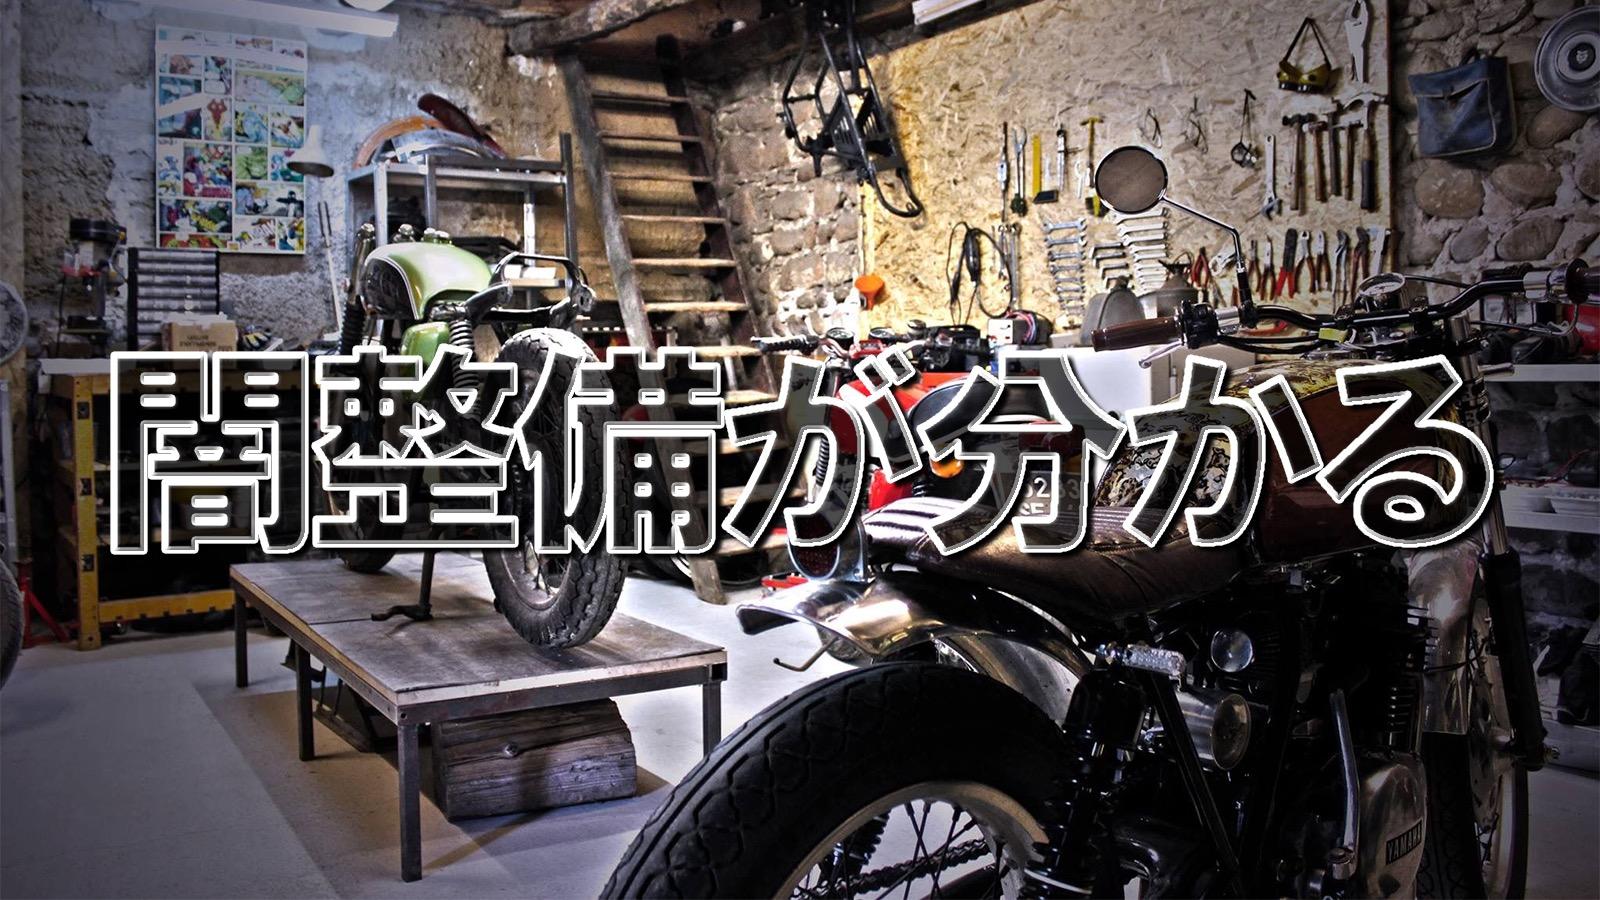 バイクの違法整備